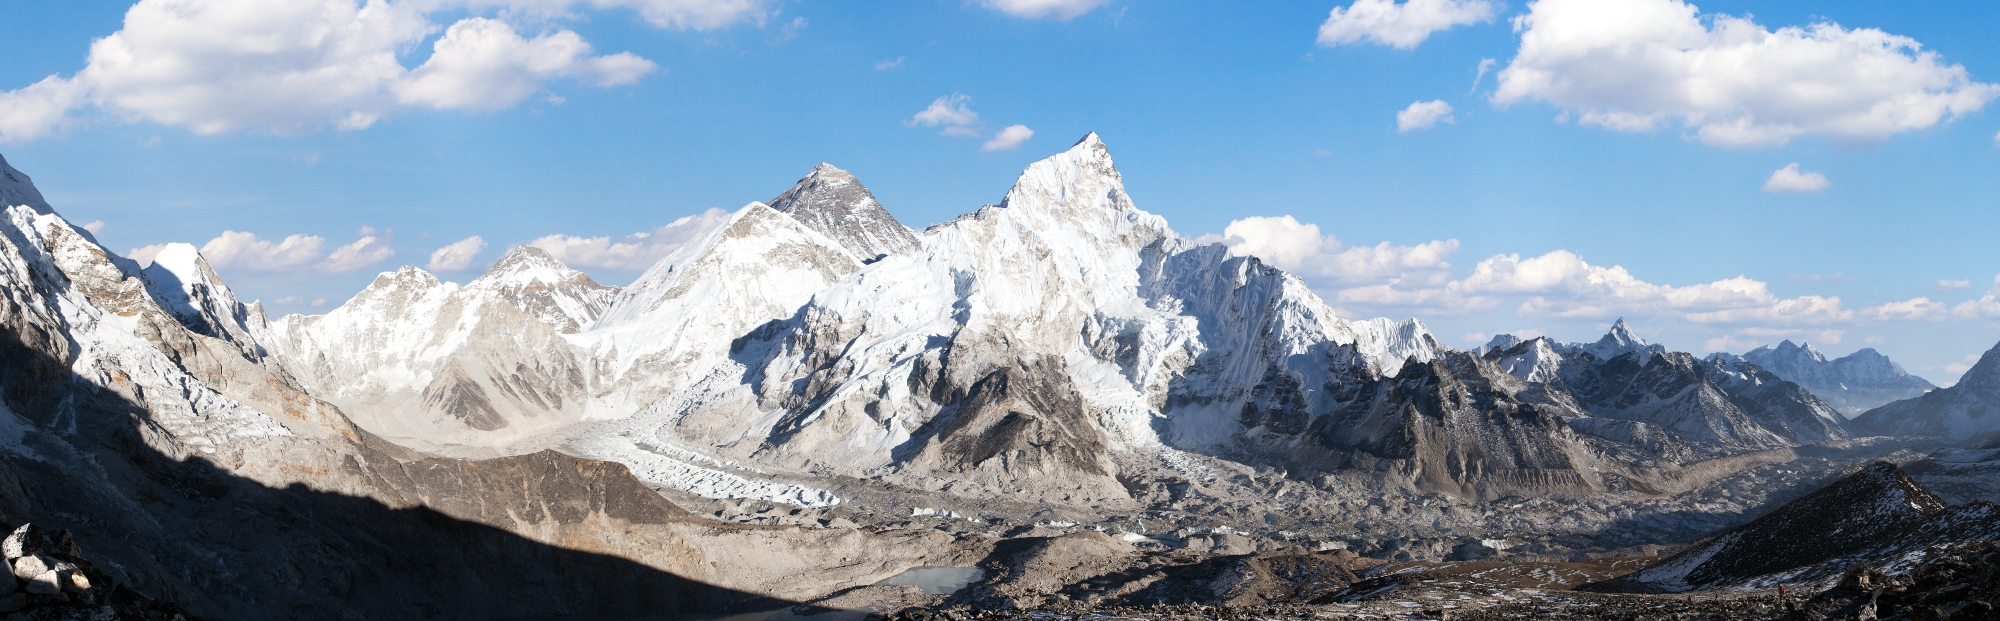 Himalaia Nepal Mediviatges